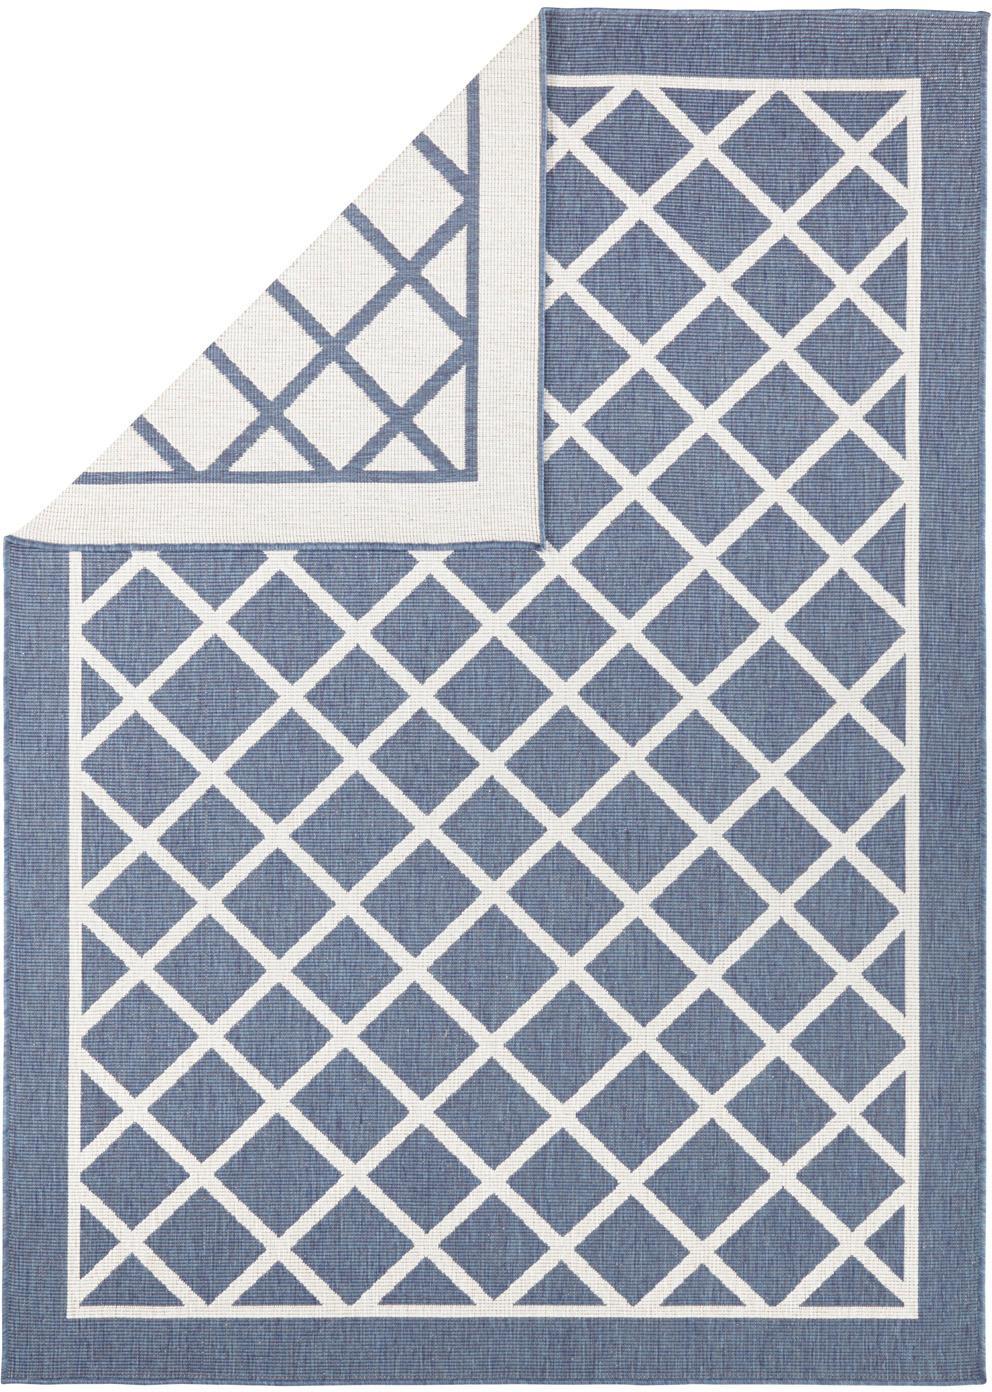 In- und Outdoor-Wendeteppich Sydney mit Rautenmuster in Blau/Creme, Blau, Creme, B 160 x L 230 cm (Größe M)